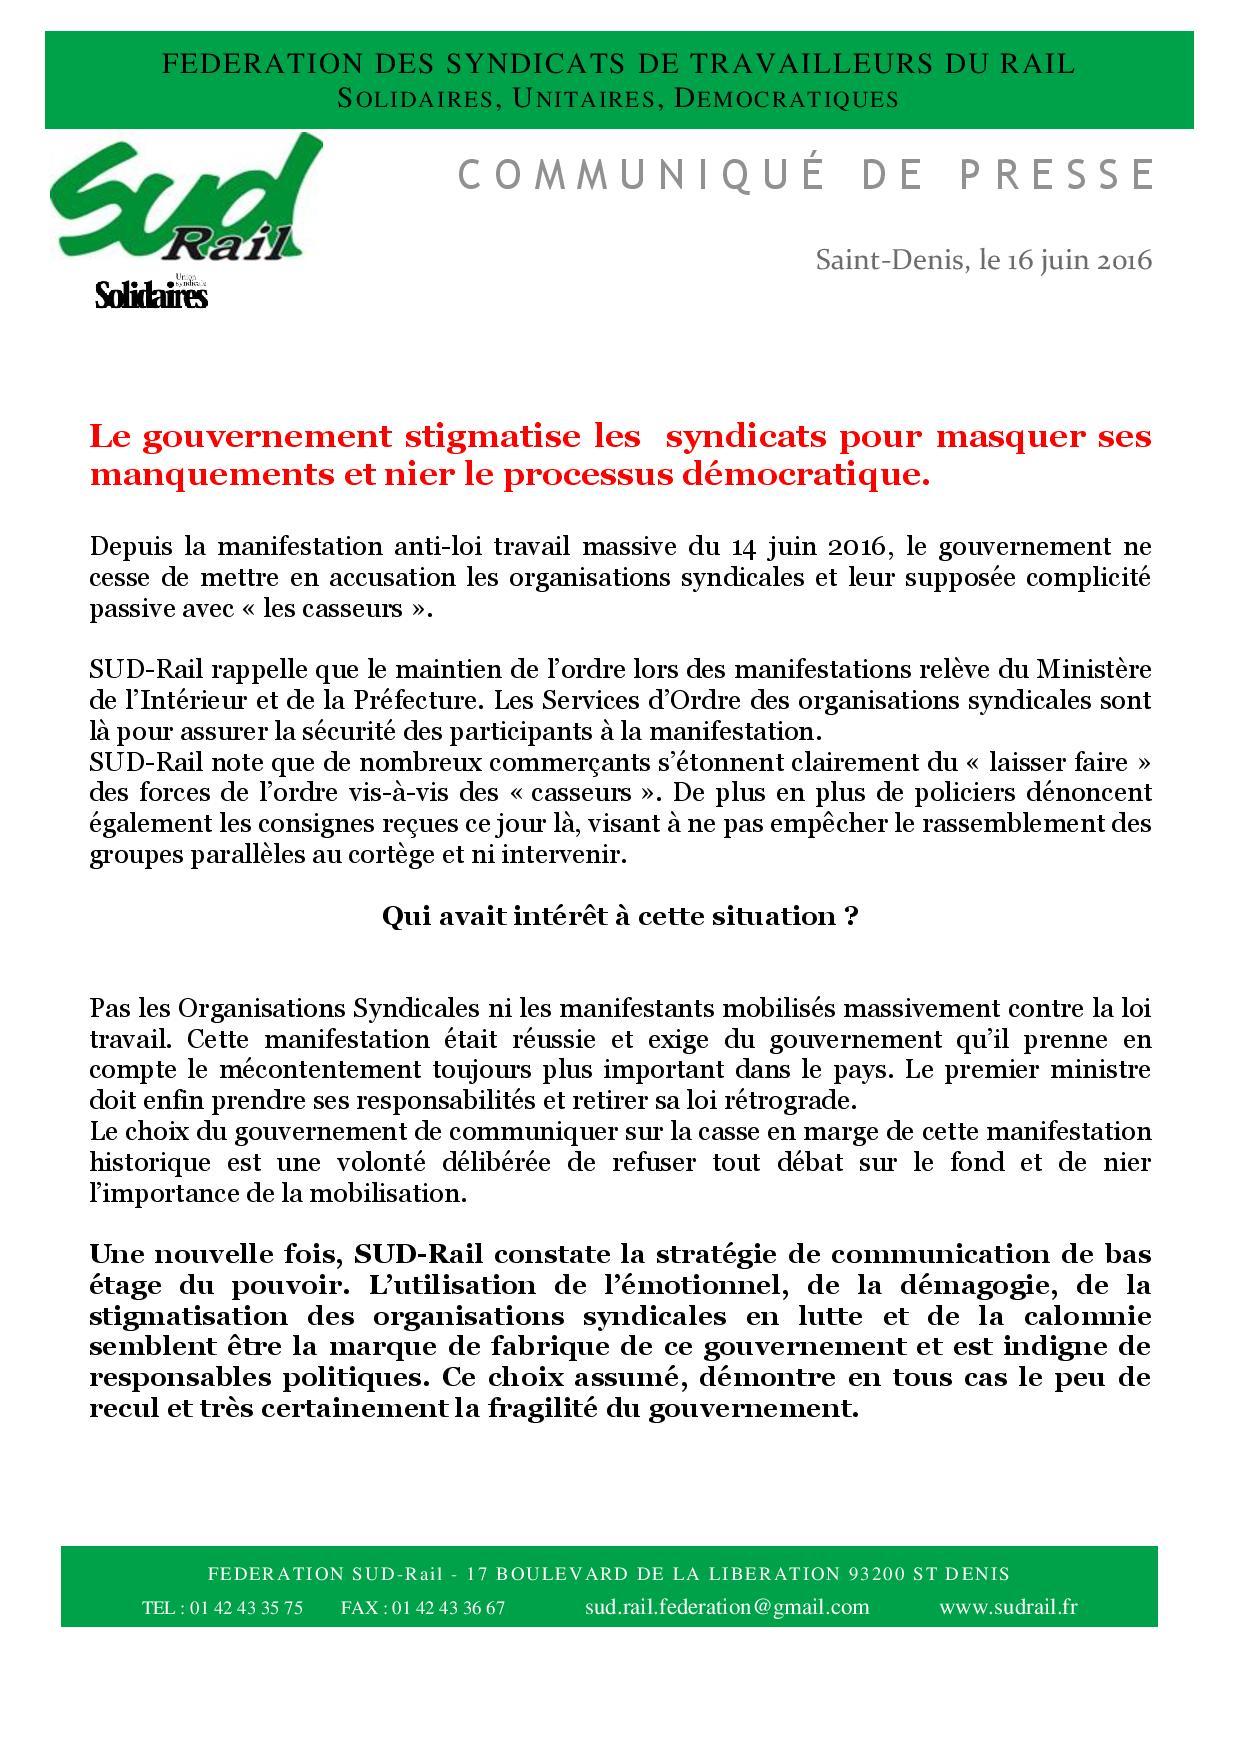 Communiqué SUDRail  16 juin 2016-page-001